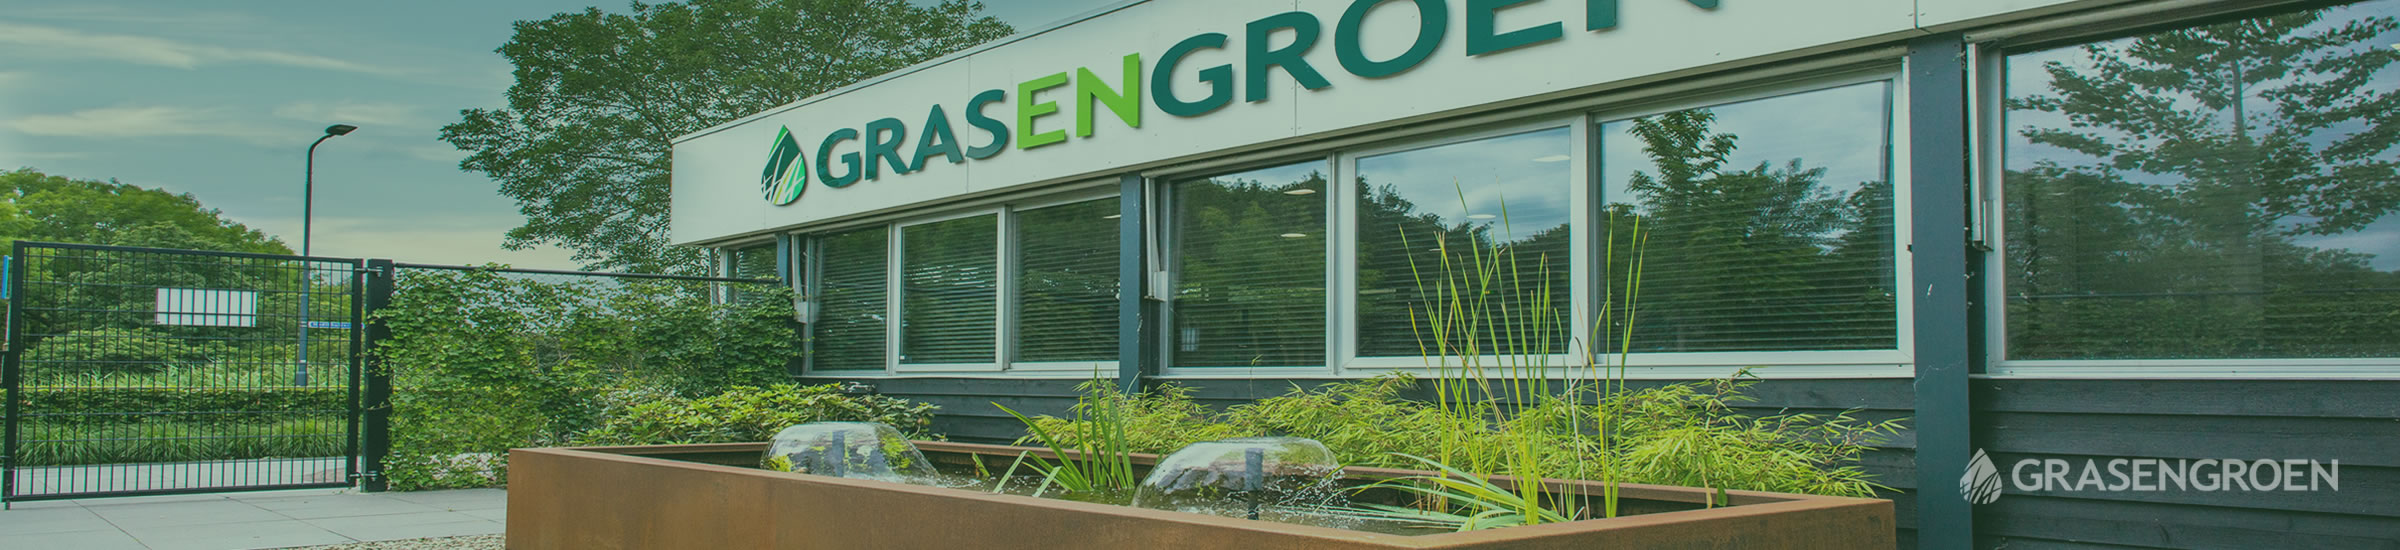 Betalenklantenservice • Gras en Groen Winkel